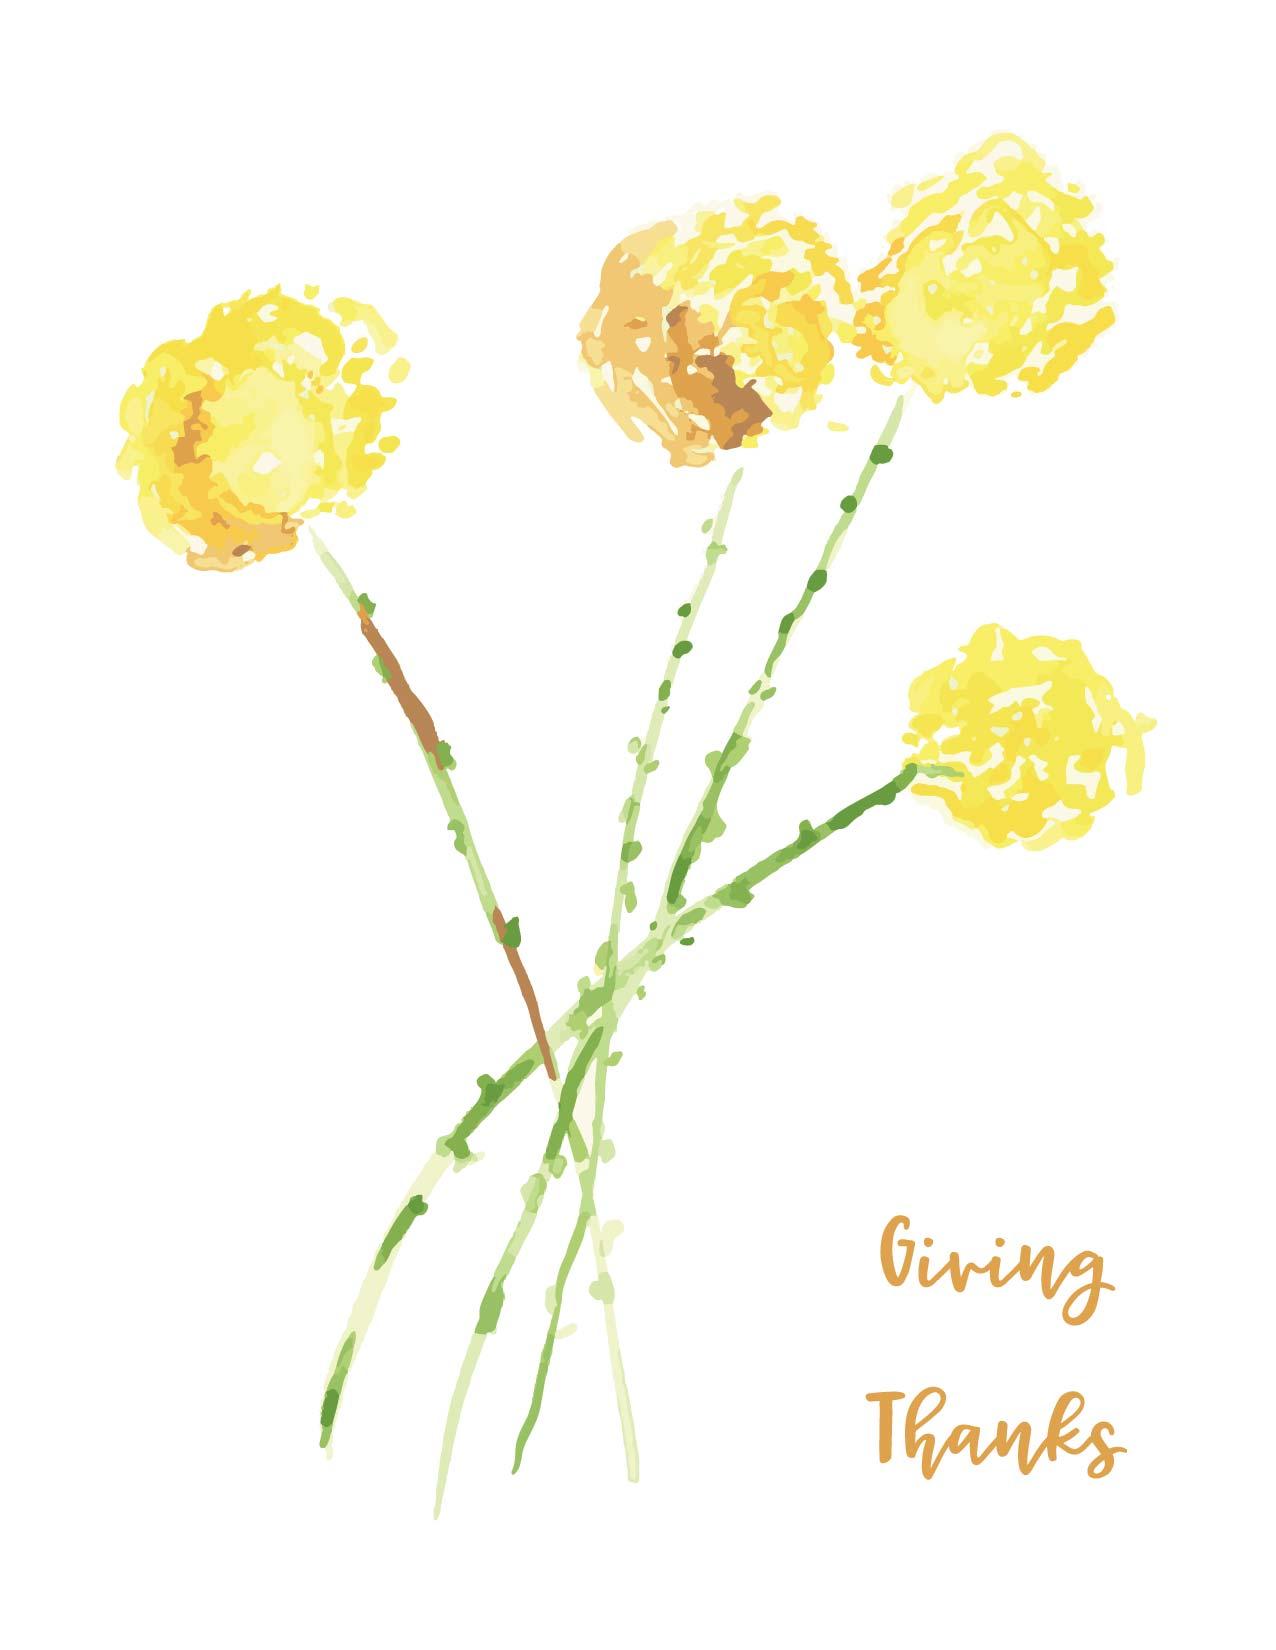 Freebies for November 2018 gratitude watercolors-02.jpg